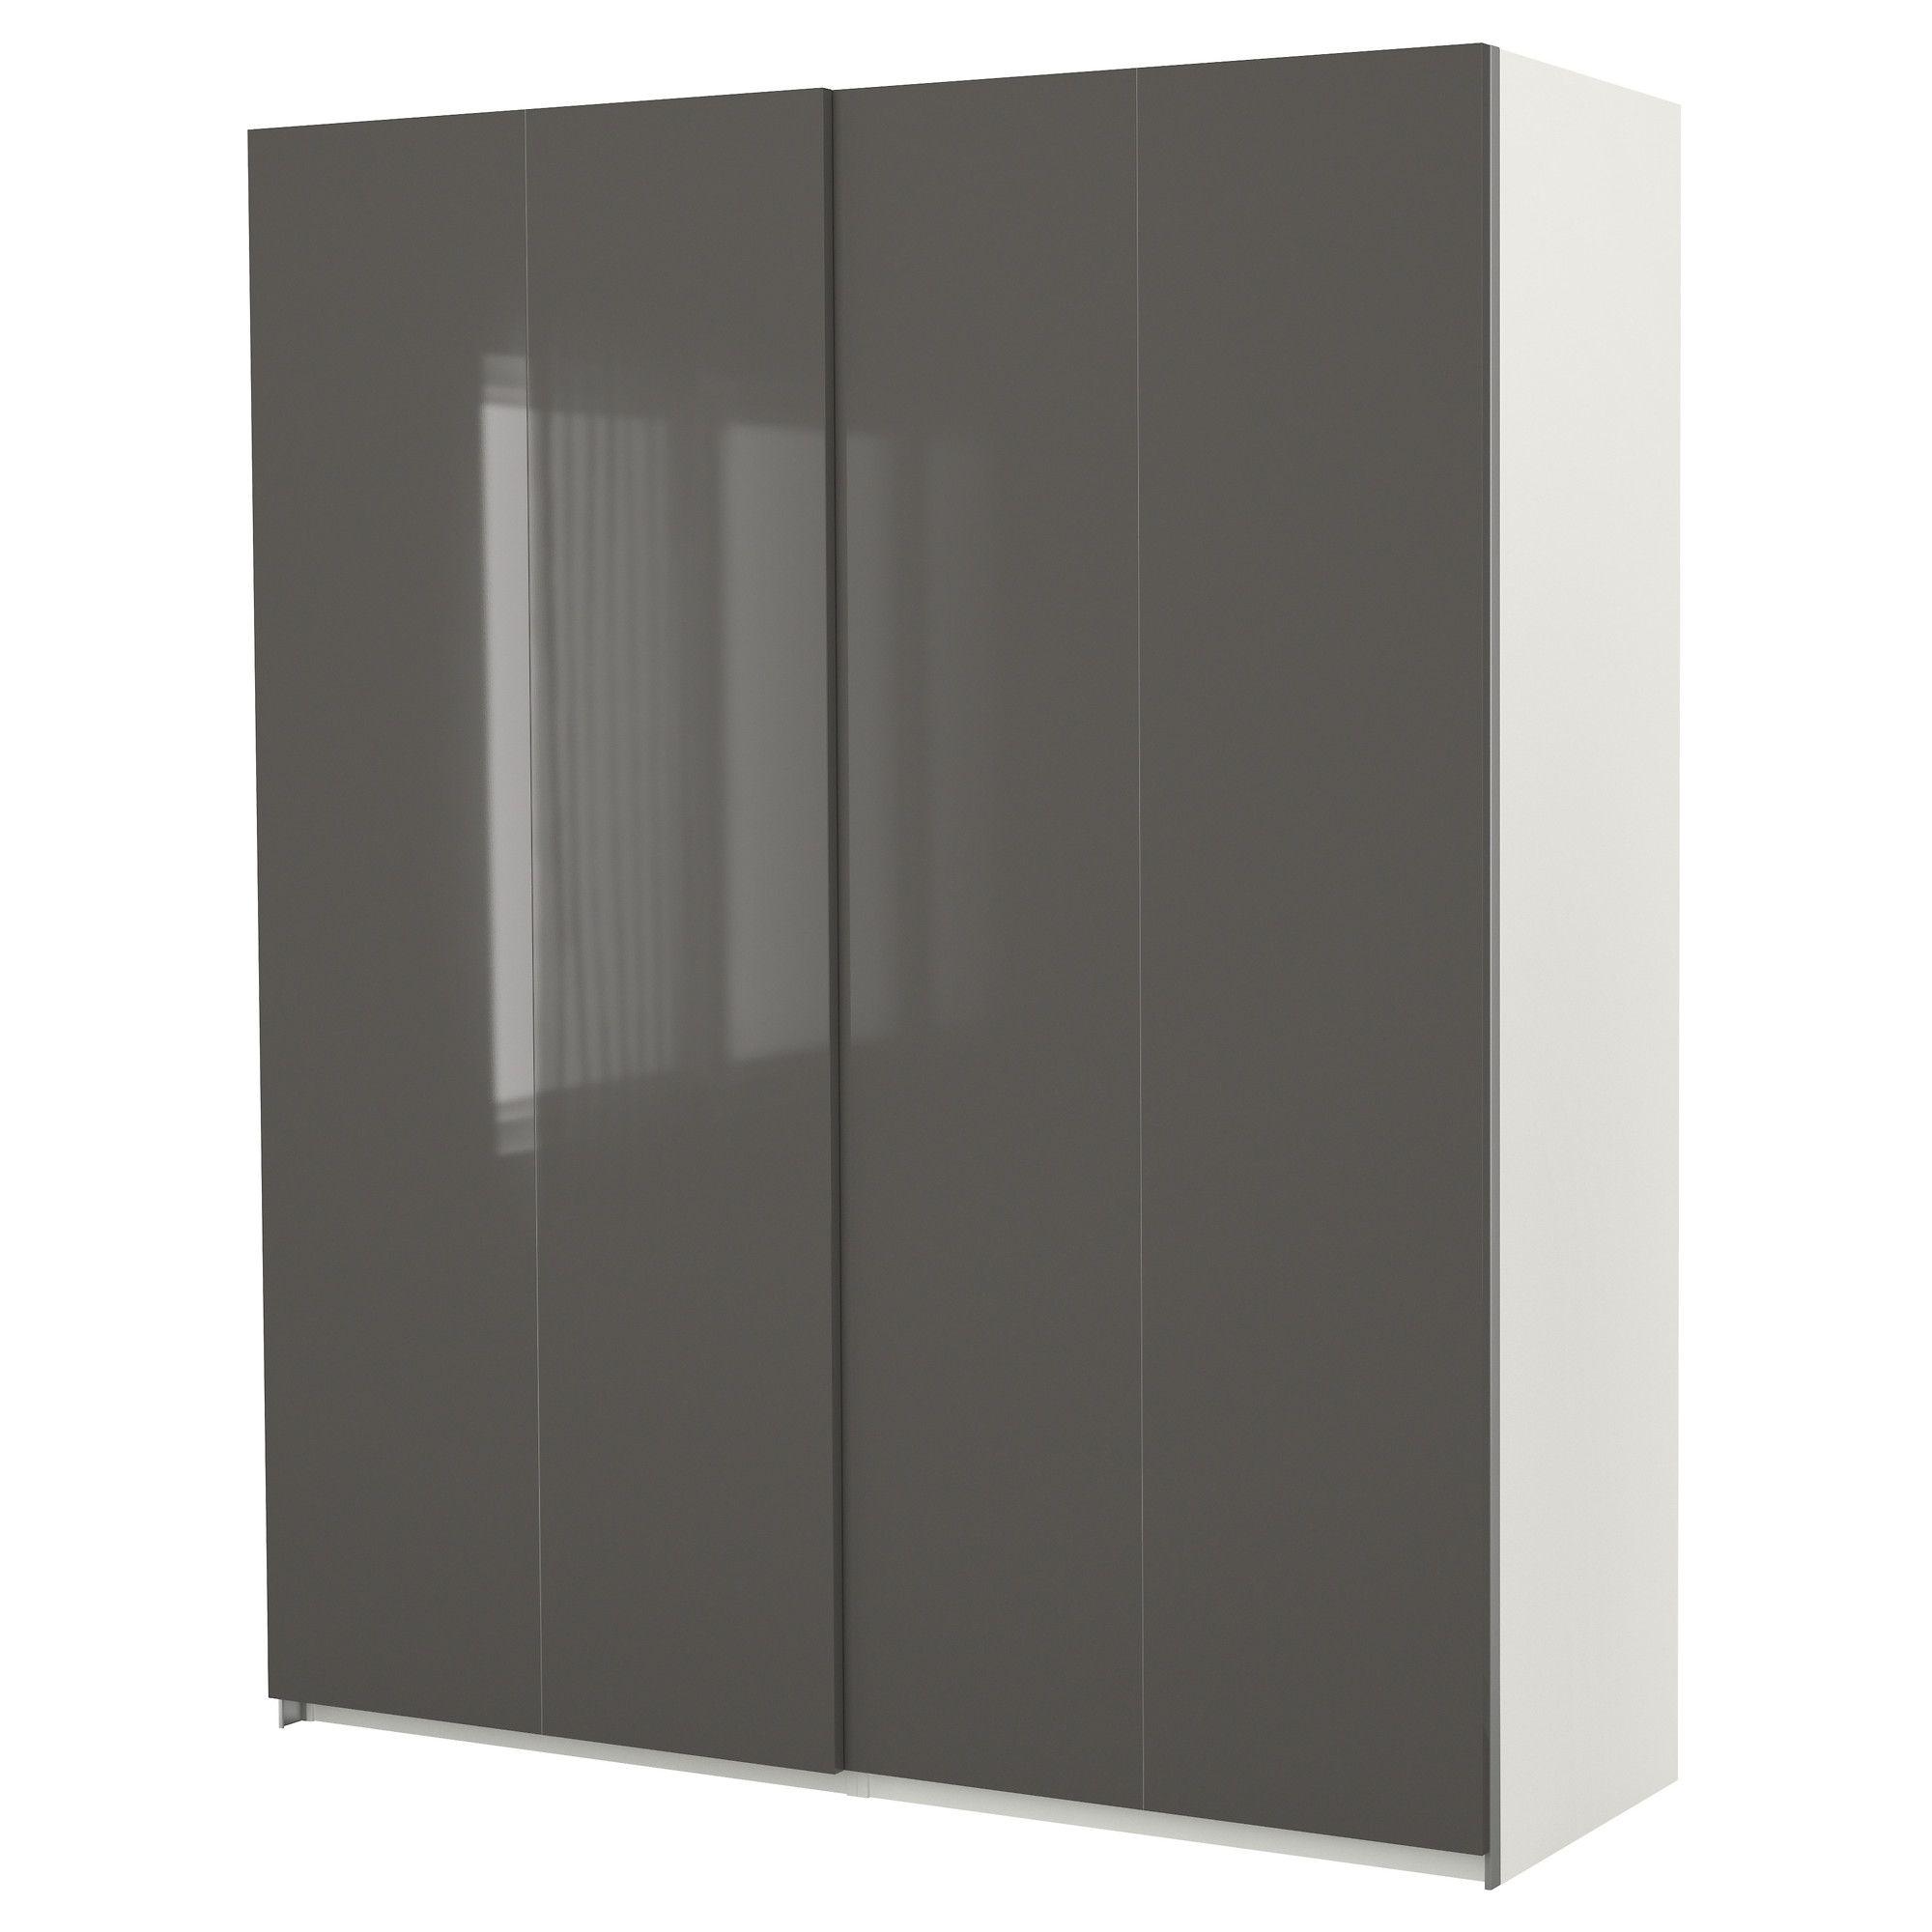 Pax armario con puertas correderas blanco hasvik alto for Armario blanco puertas correderas ikea